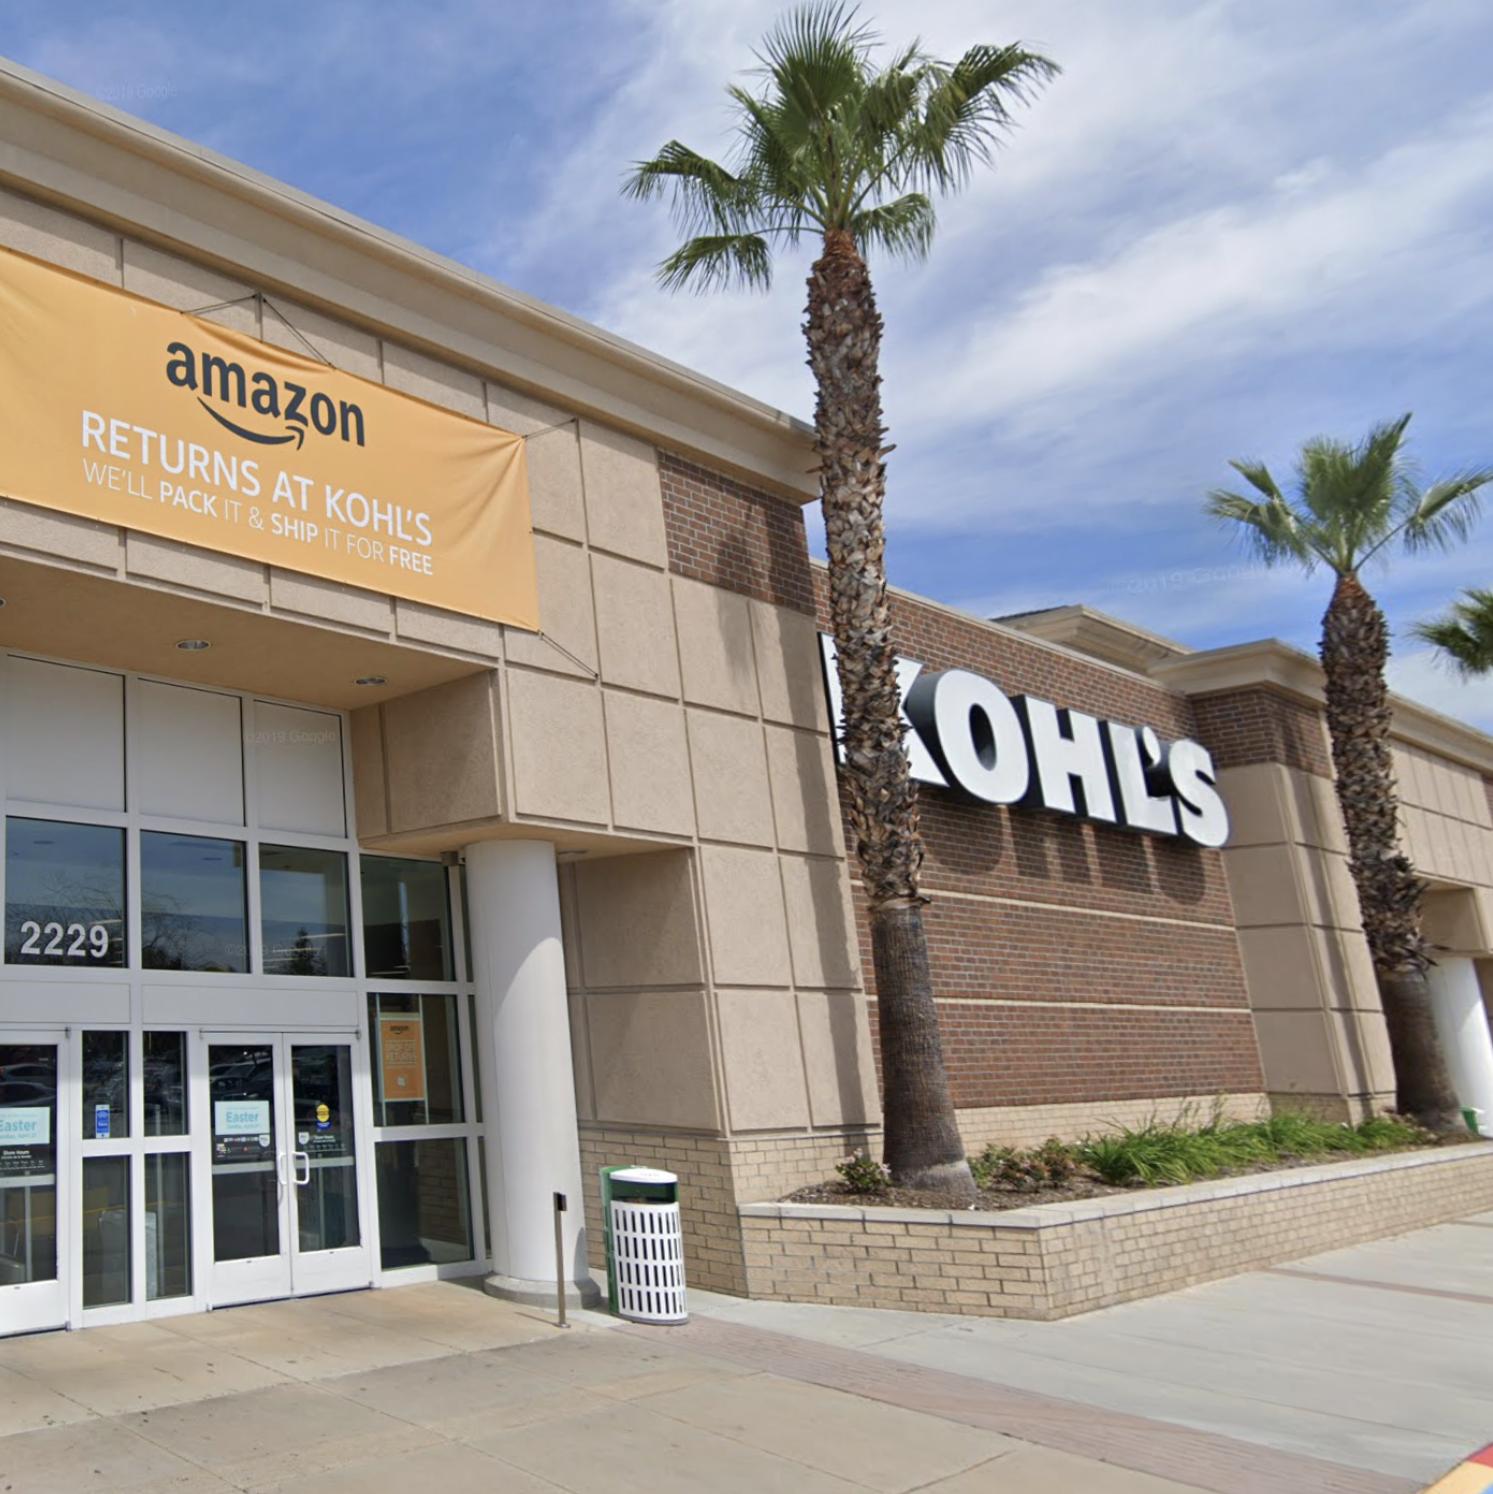 La Verne Amazon Grocery - Kohl's